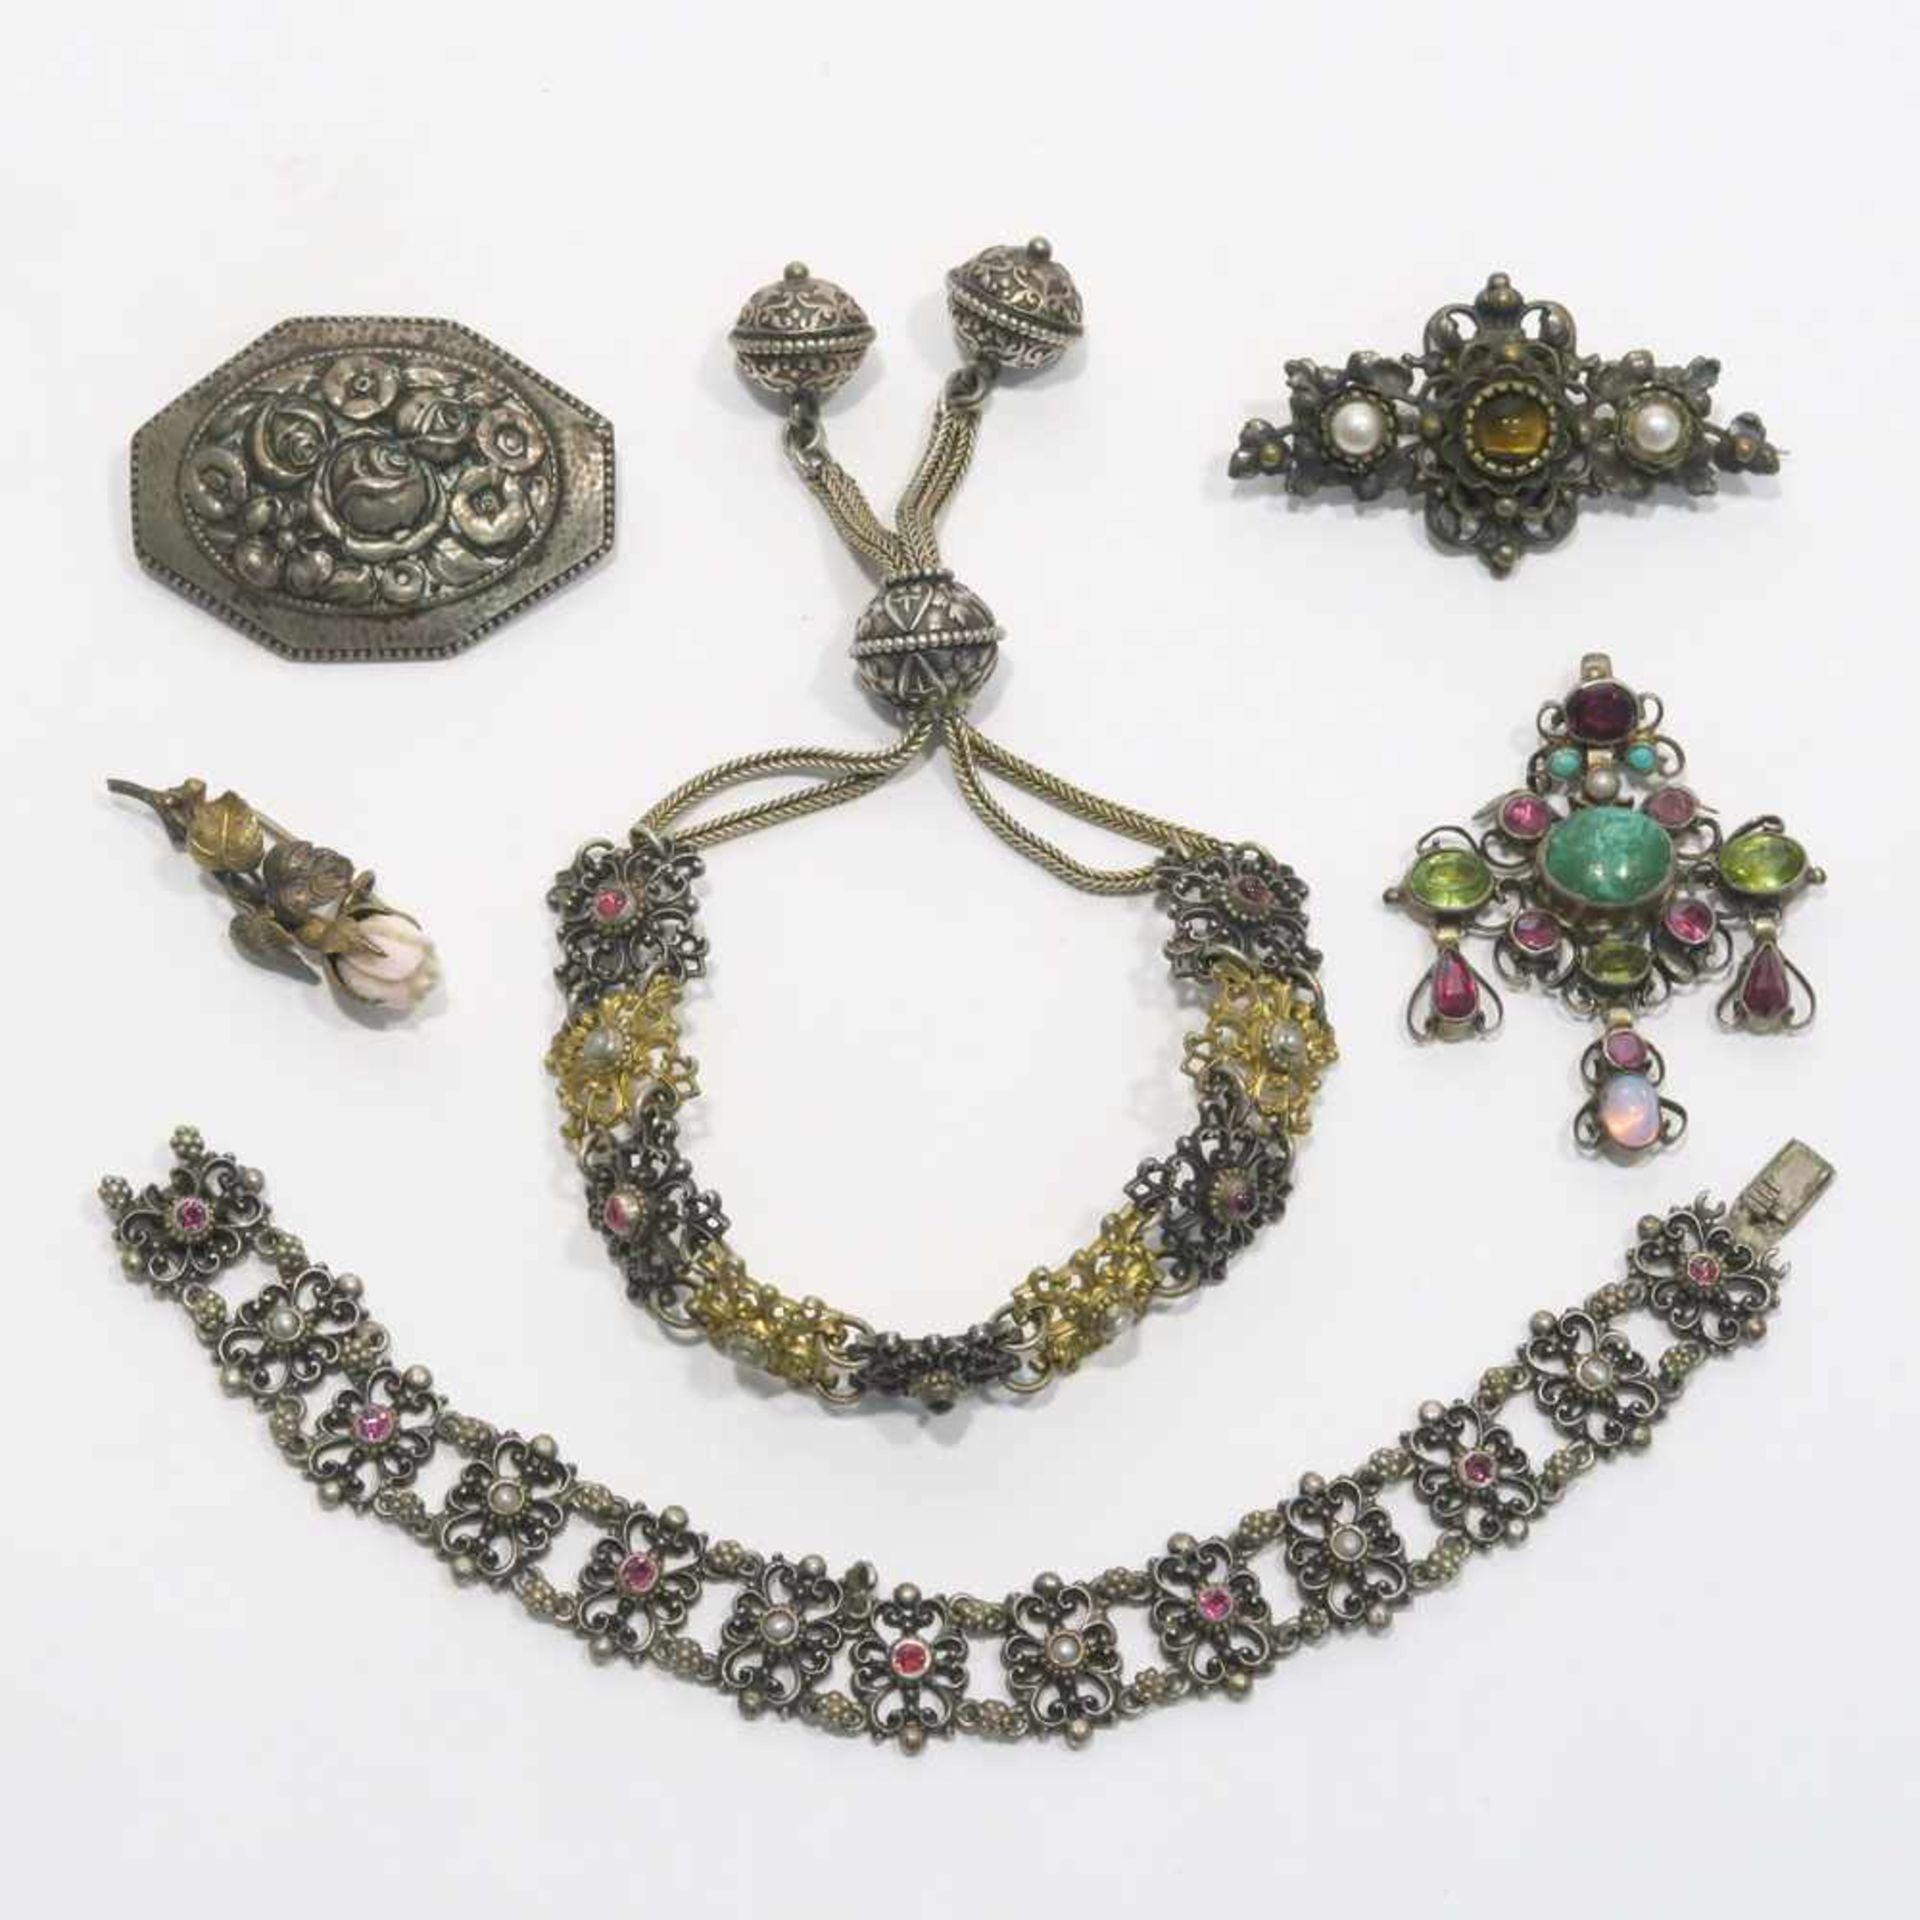 Konvolut Silber, 6tlg.Silber, tlw. vergoldet bzw. Metall, versilbert. Mit Glassteinen, Türkisen,